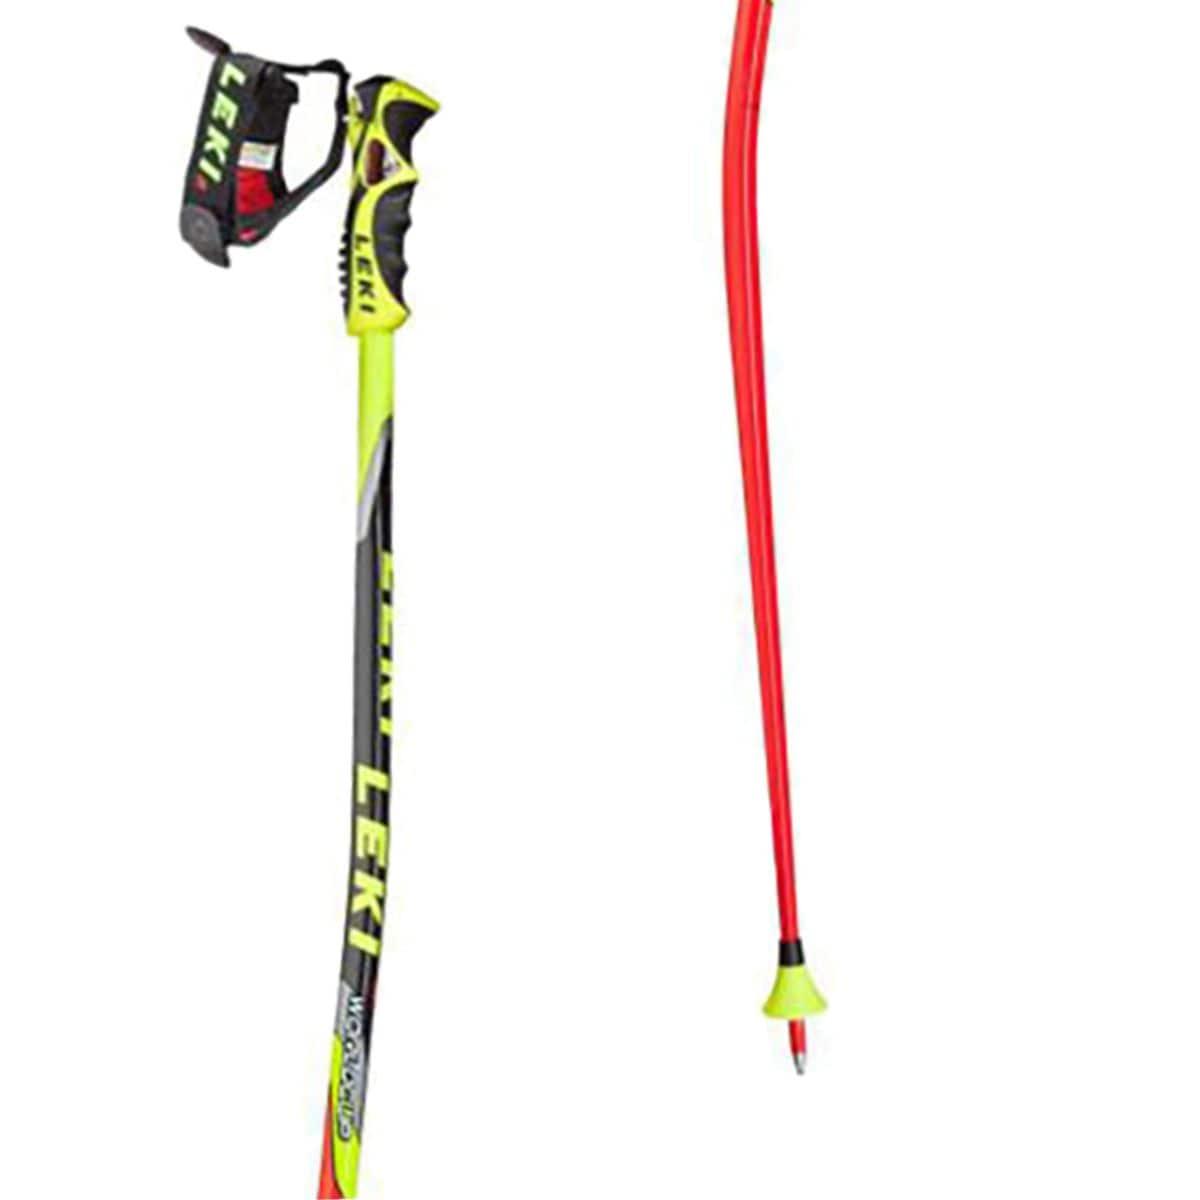 LEKI Worldcup Racing GS Ski Poles One Color, 56in(140cm) LEK002C-ONECOL-S56IN140CM